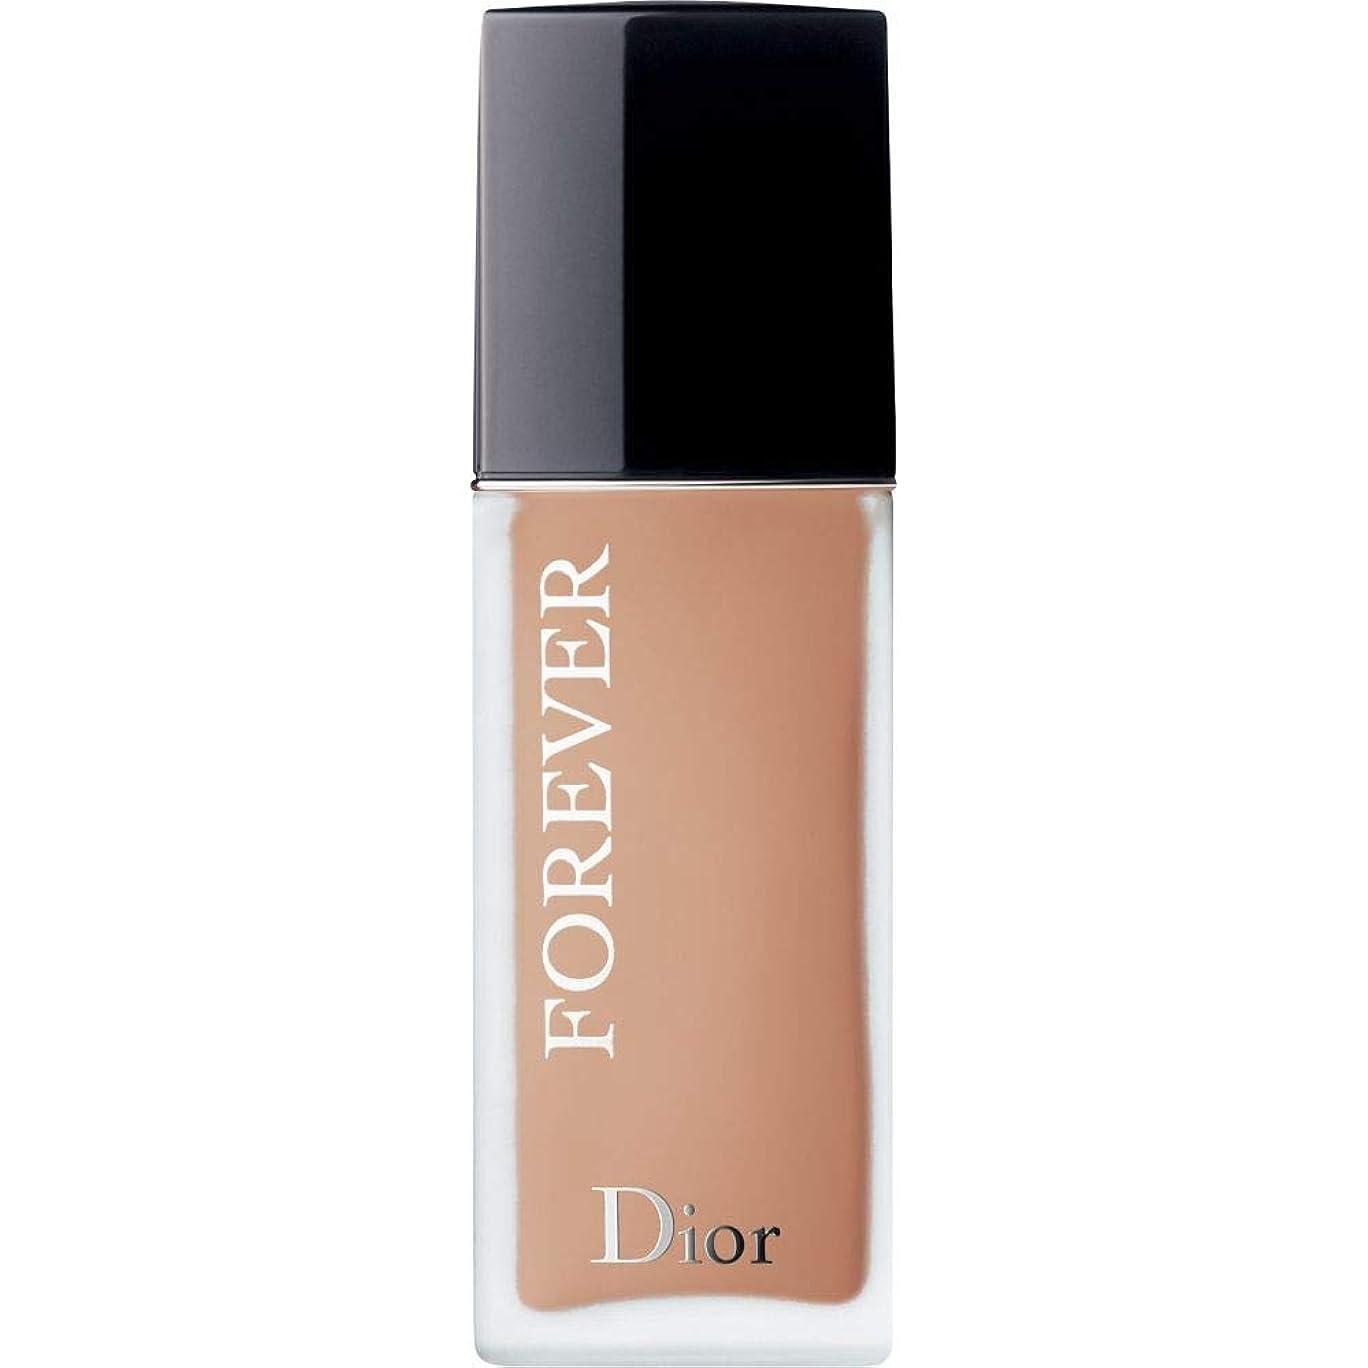 製油所露レディ[Dior ] ディオール永遠皮膚思いやりの基礎Spf35 30ミリリットル4Cを - クール(つや消し) - DIOR Forever Skin-Caring Foundation SPF35 30ml 4C - Cool (Matte) [並行輸入品]